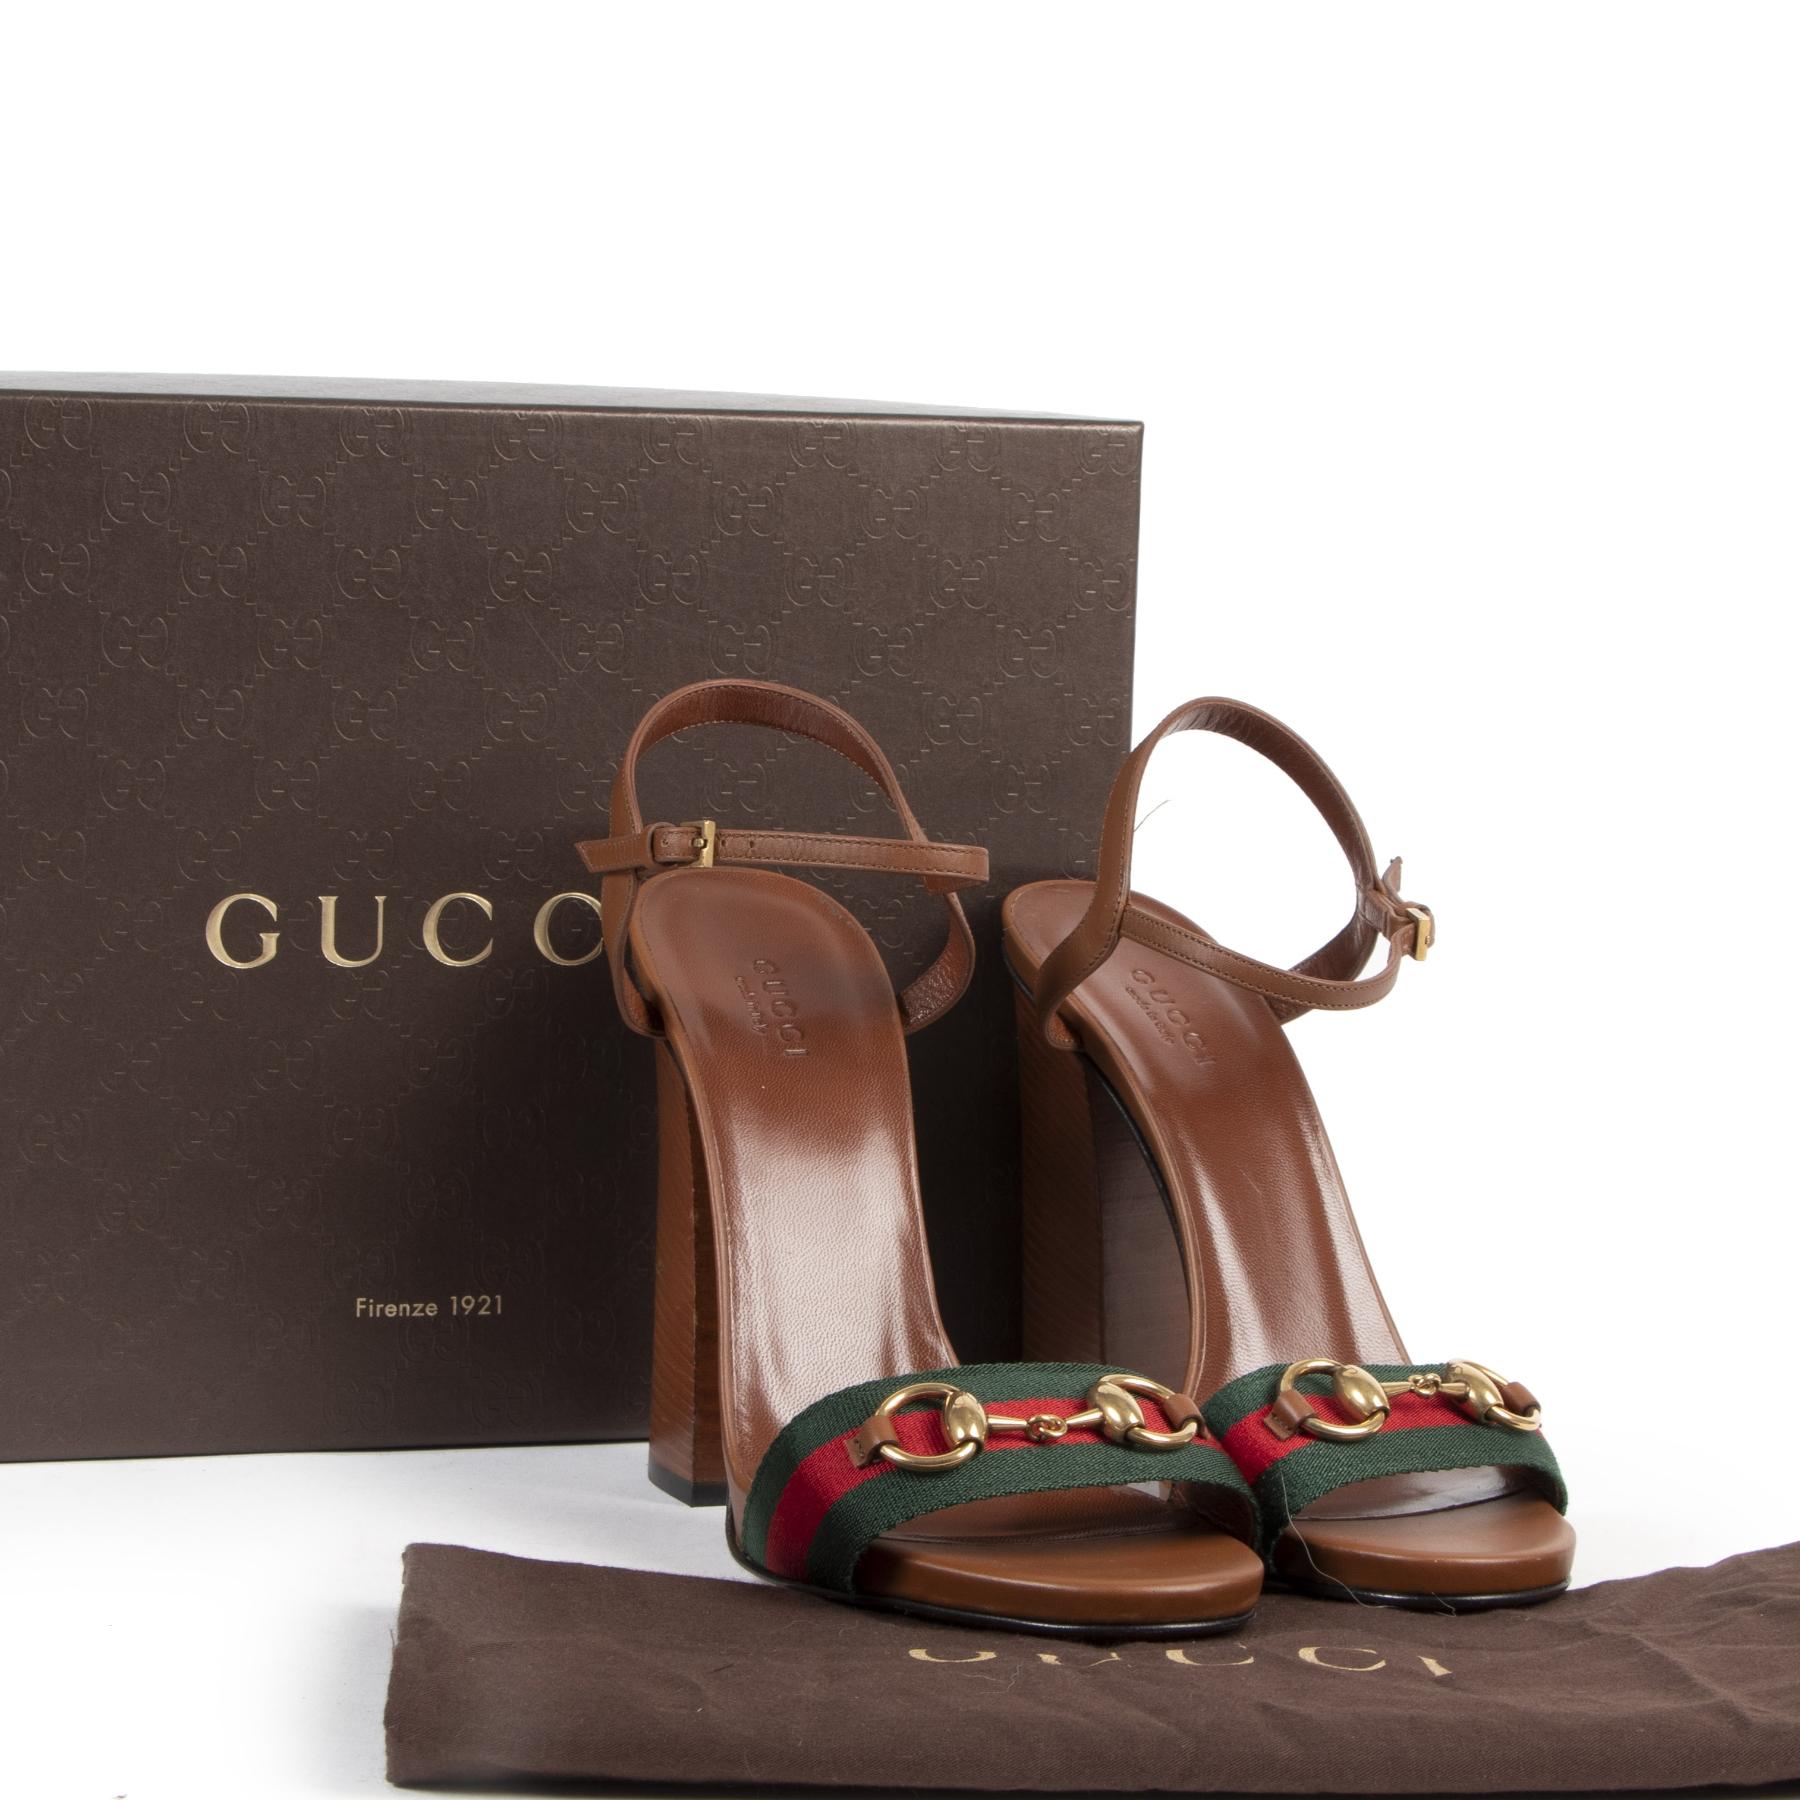 Authentieke tweedehands vintage Gucci Web Block Heel Sandals - Size 38 koop online webshop LabelLOV